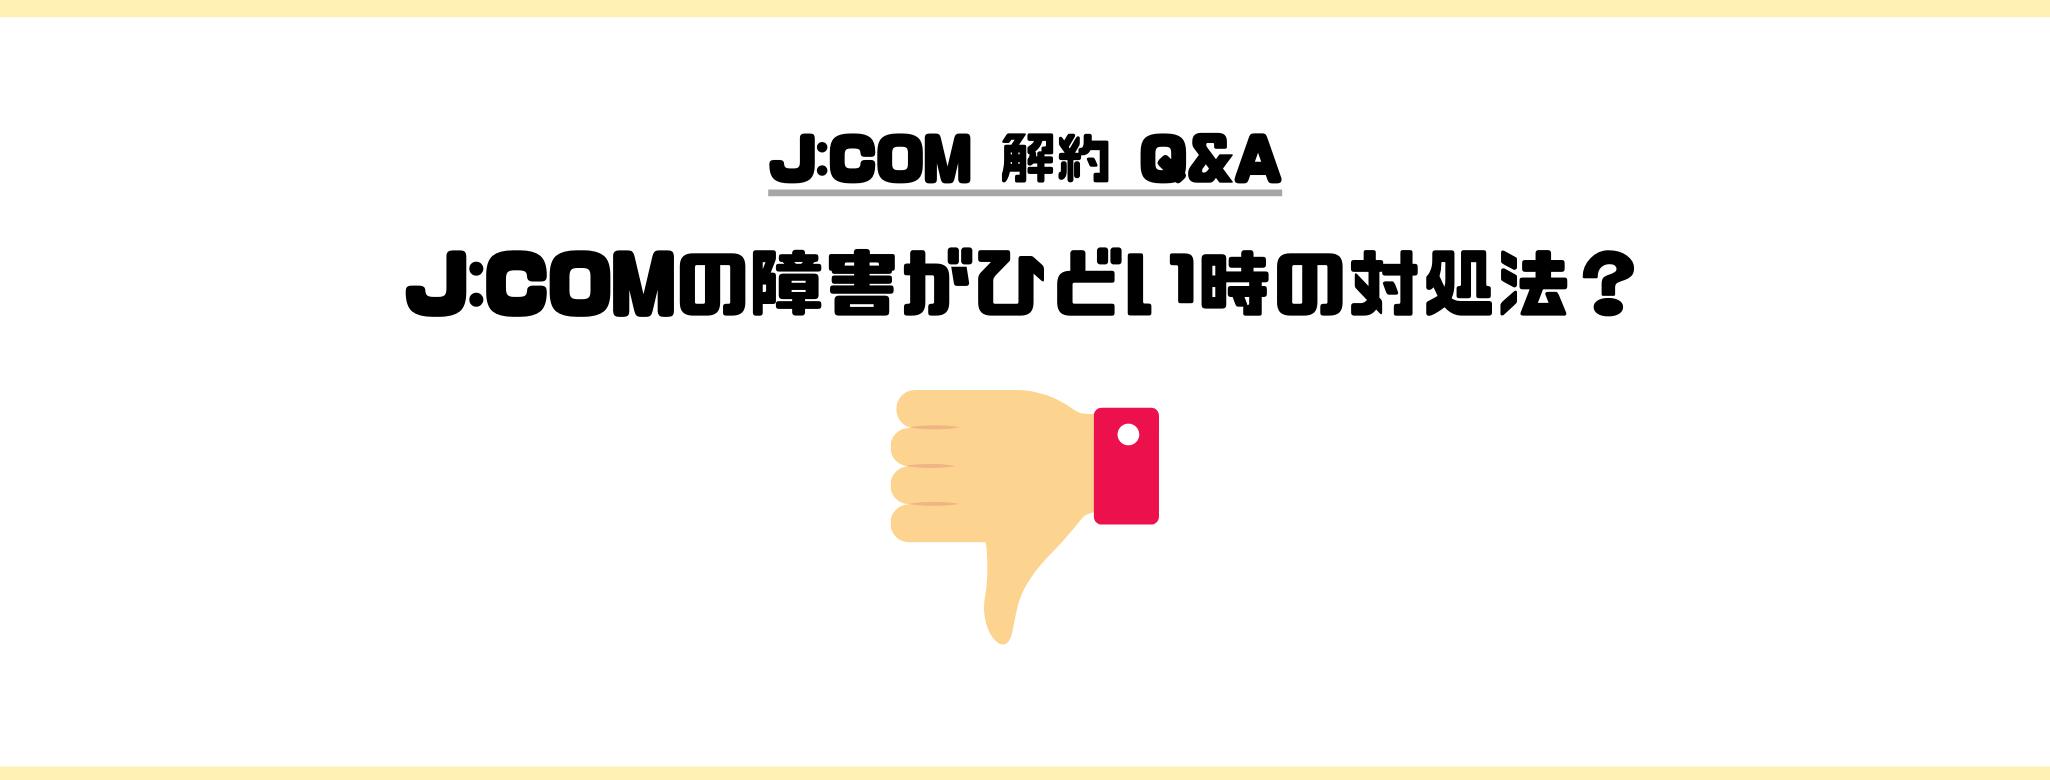 J:COM_解約_障害_対処法